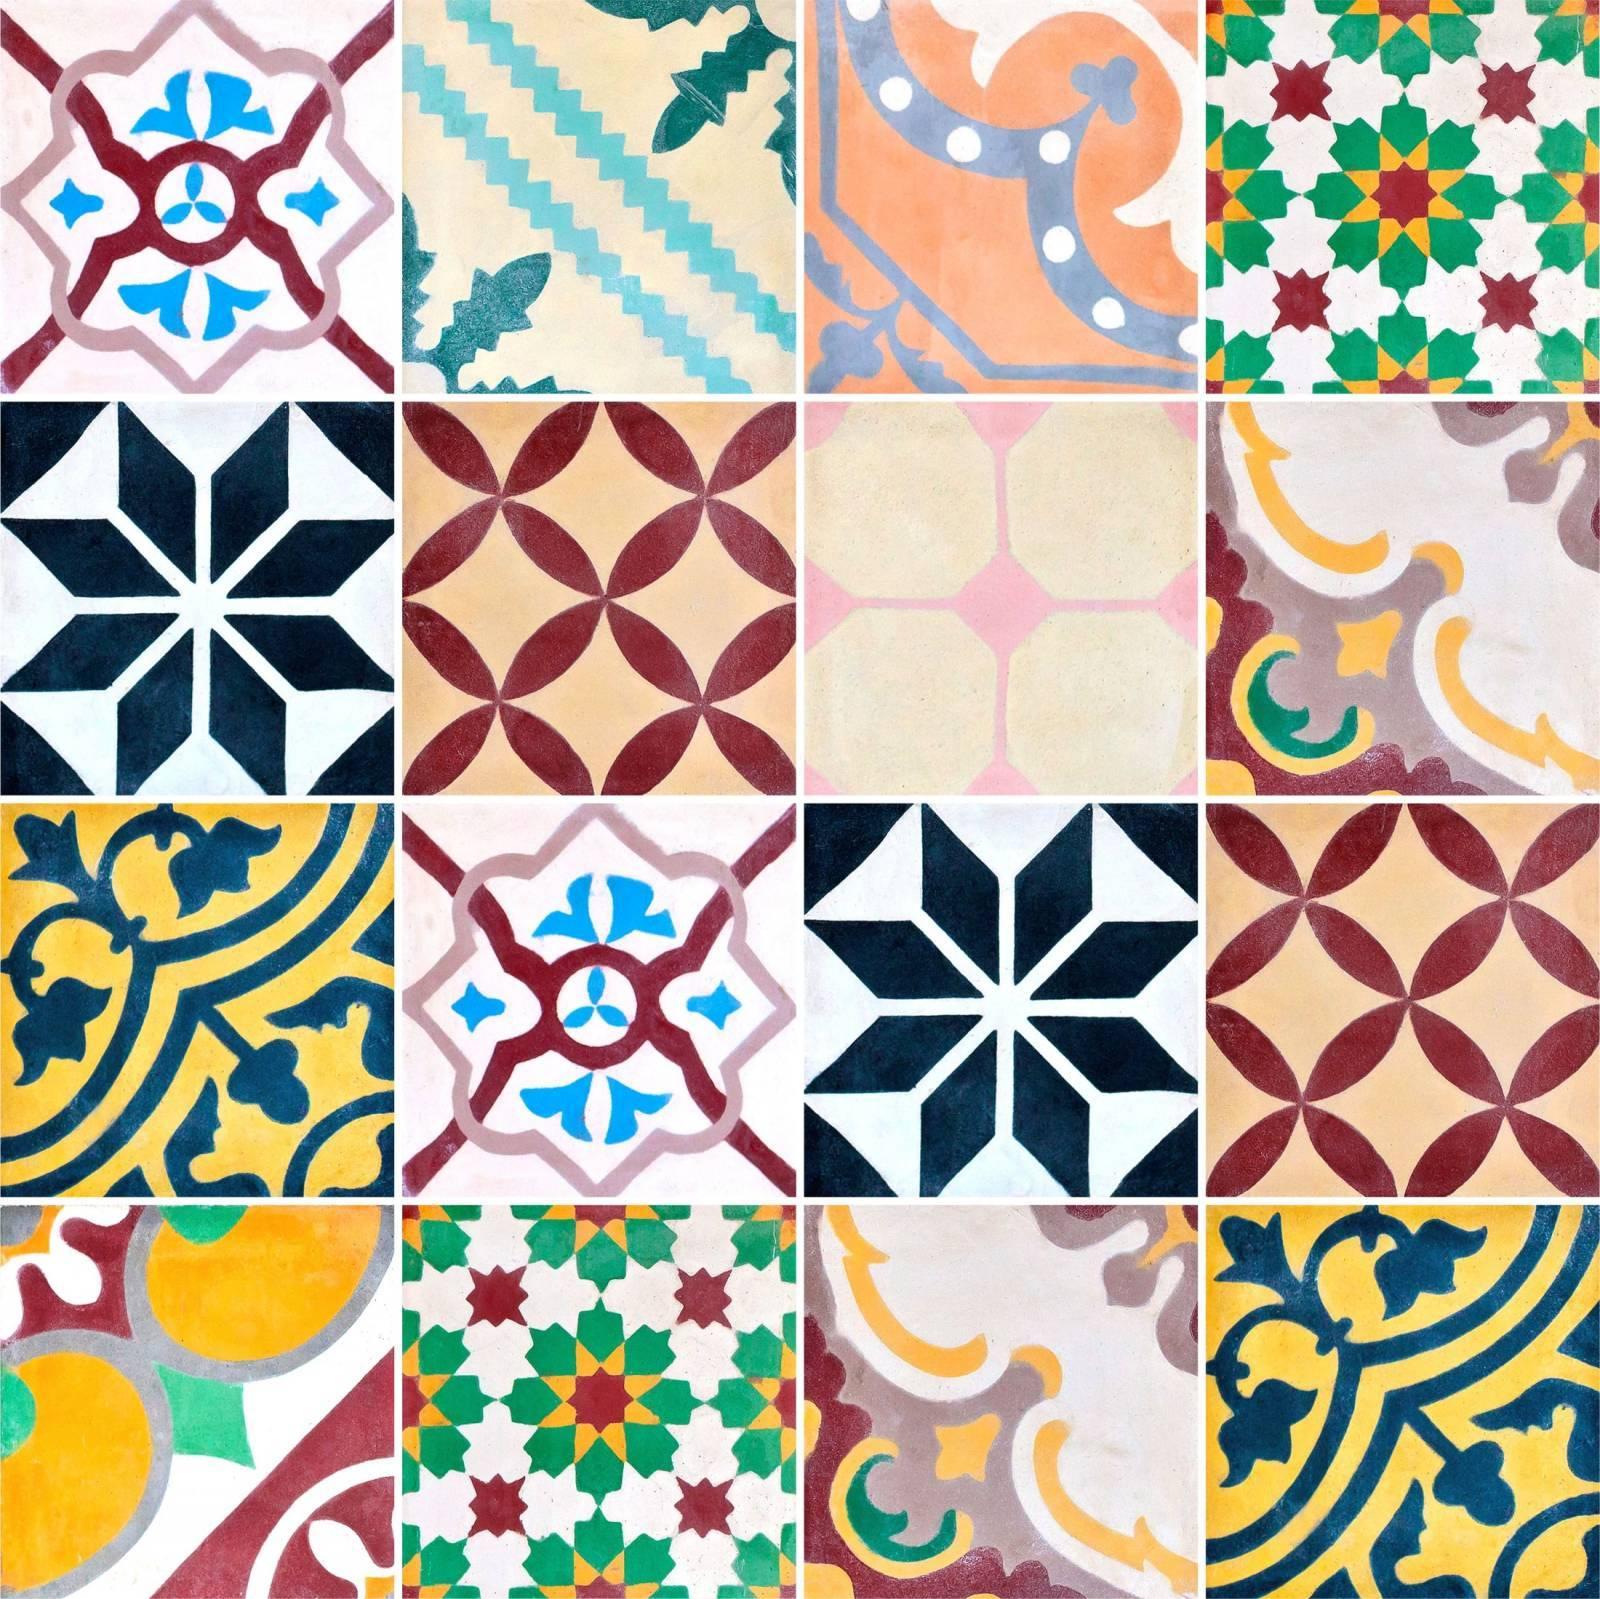 Adesivo para Azulejo - Retrô Colors  imagem 1